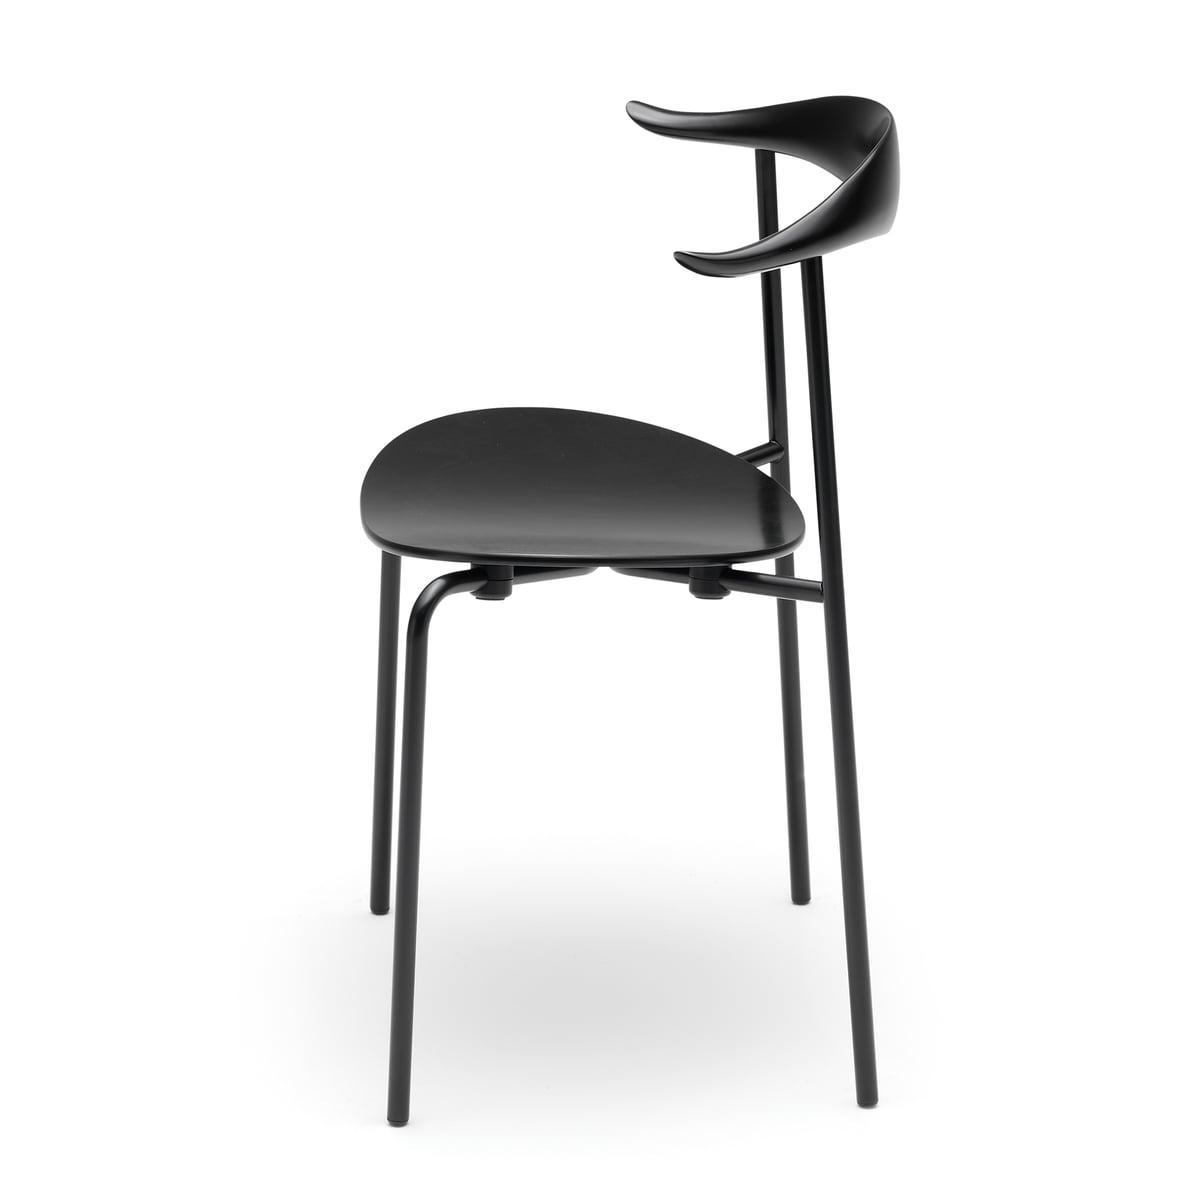 Carl Hansen Chairs ch88t chaircarl hansen | connox shop